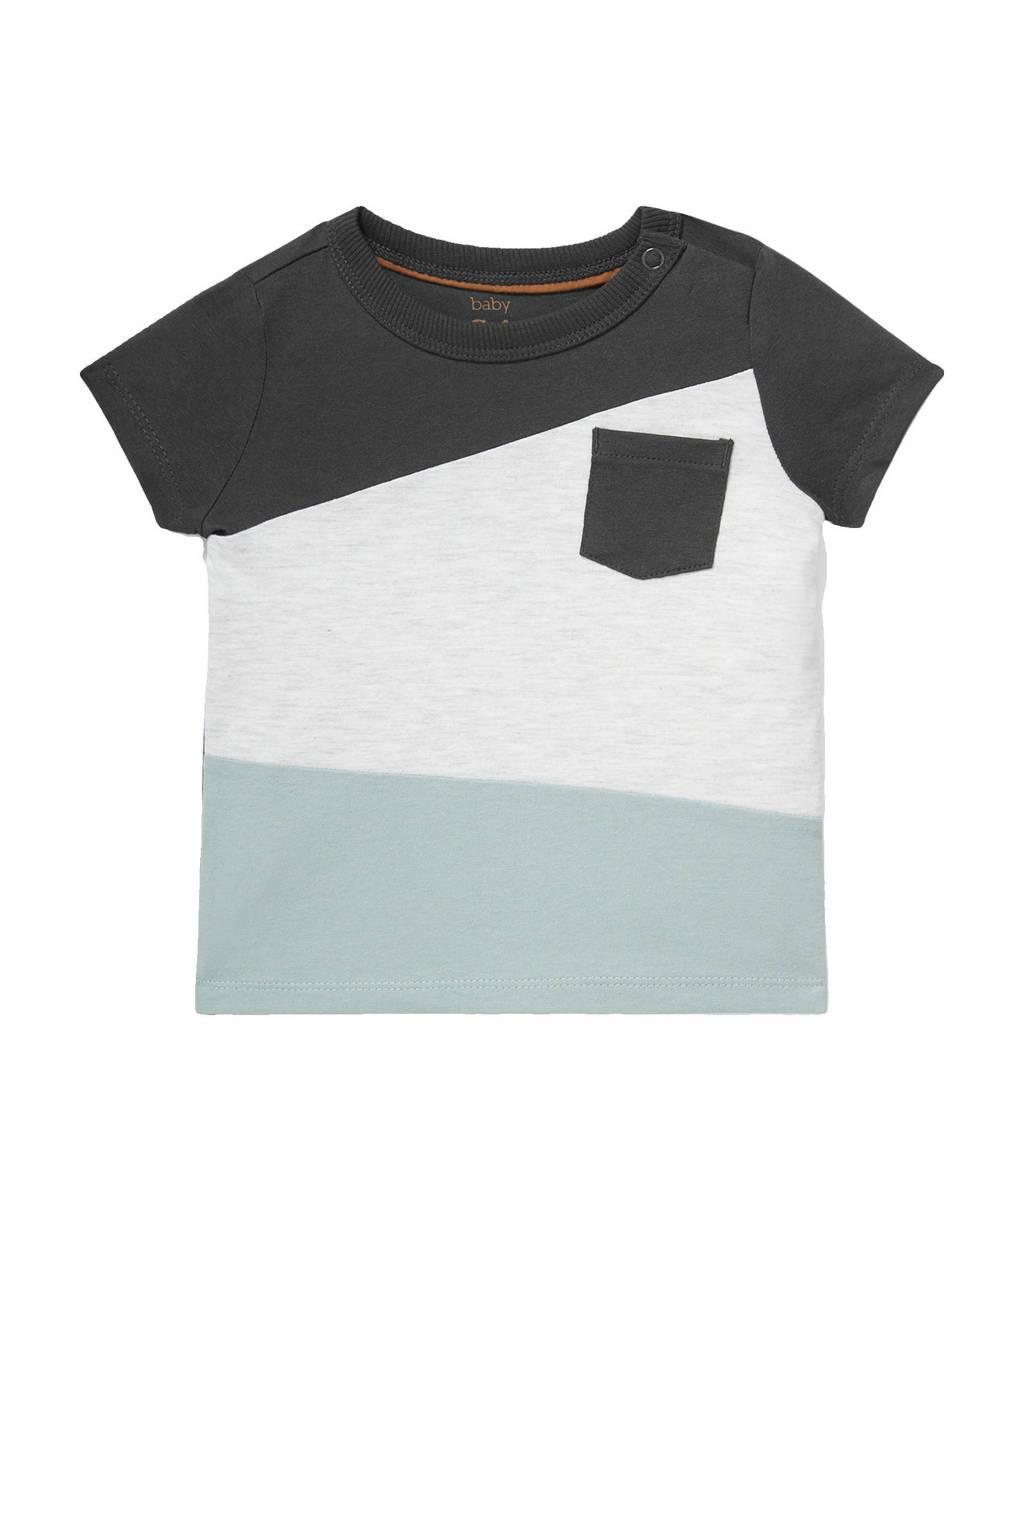 C&A Baby Club T-shirt van biologisch katoen antraciet/wit/lichtblauw, Antraciet/wit/lichtblauw